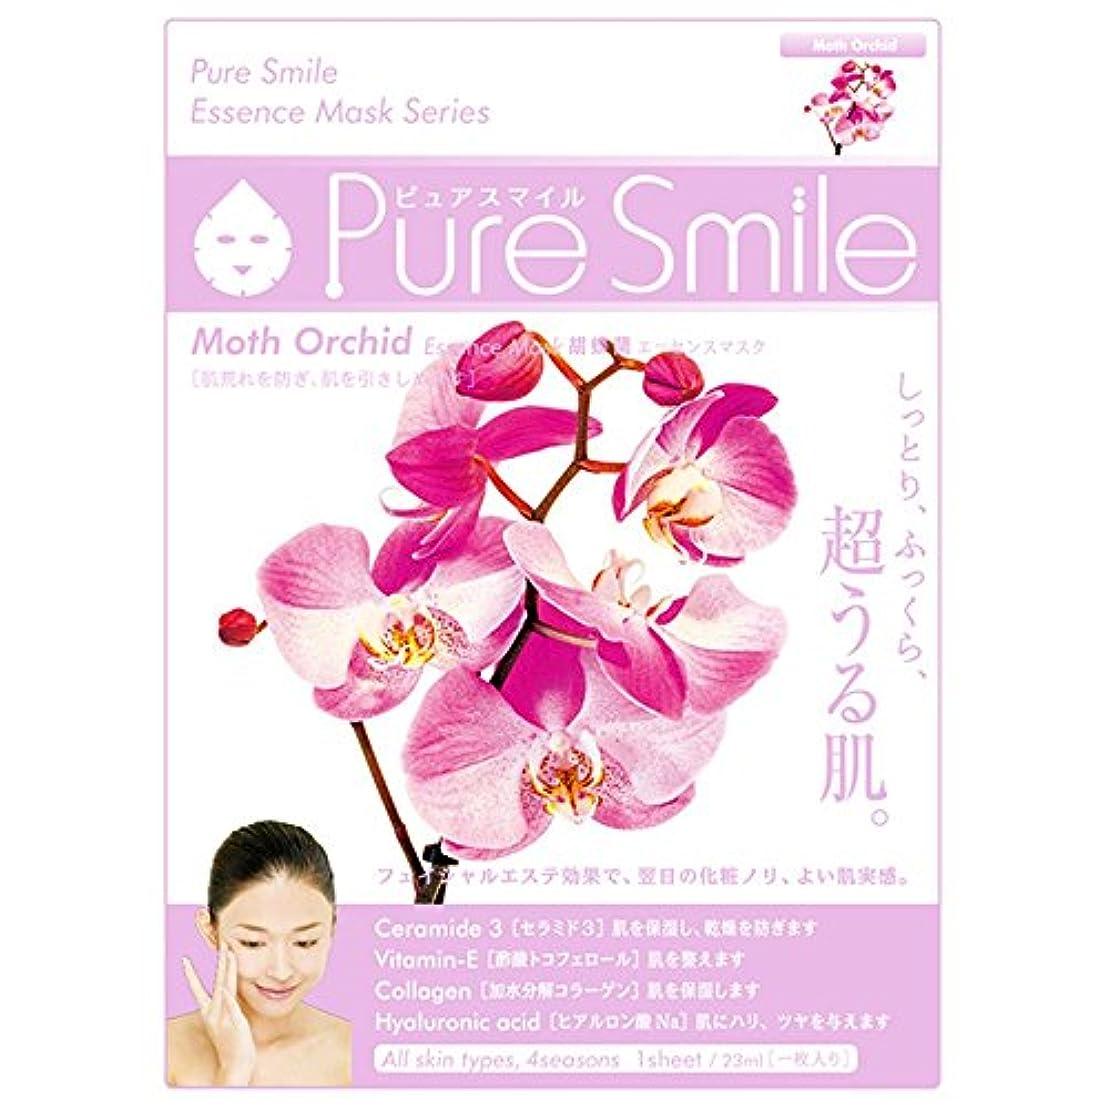 プロフェッショナル落ち着いた同時Pure Smile/ピュアスマイル エッセンス/フェイスマスク 『Moth Orchid/胡蝶蘭』